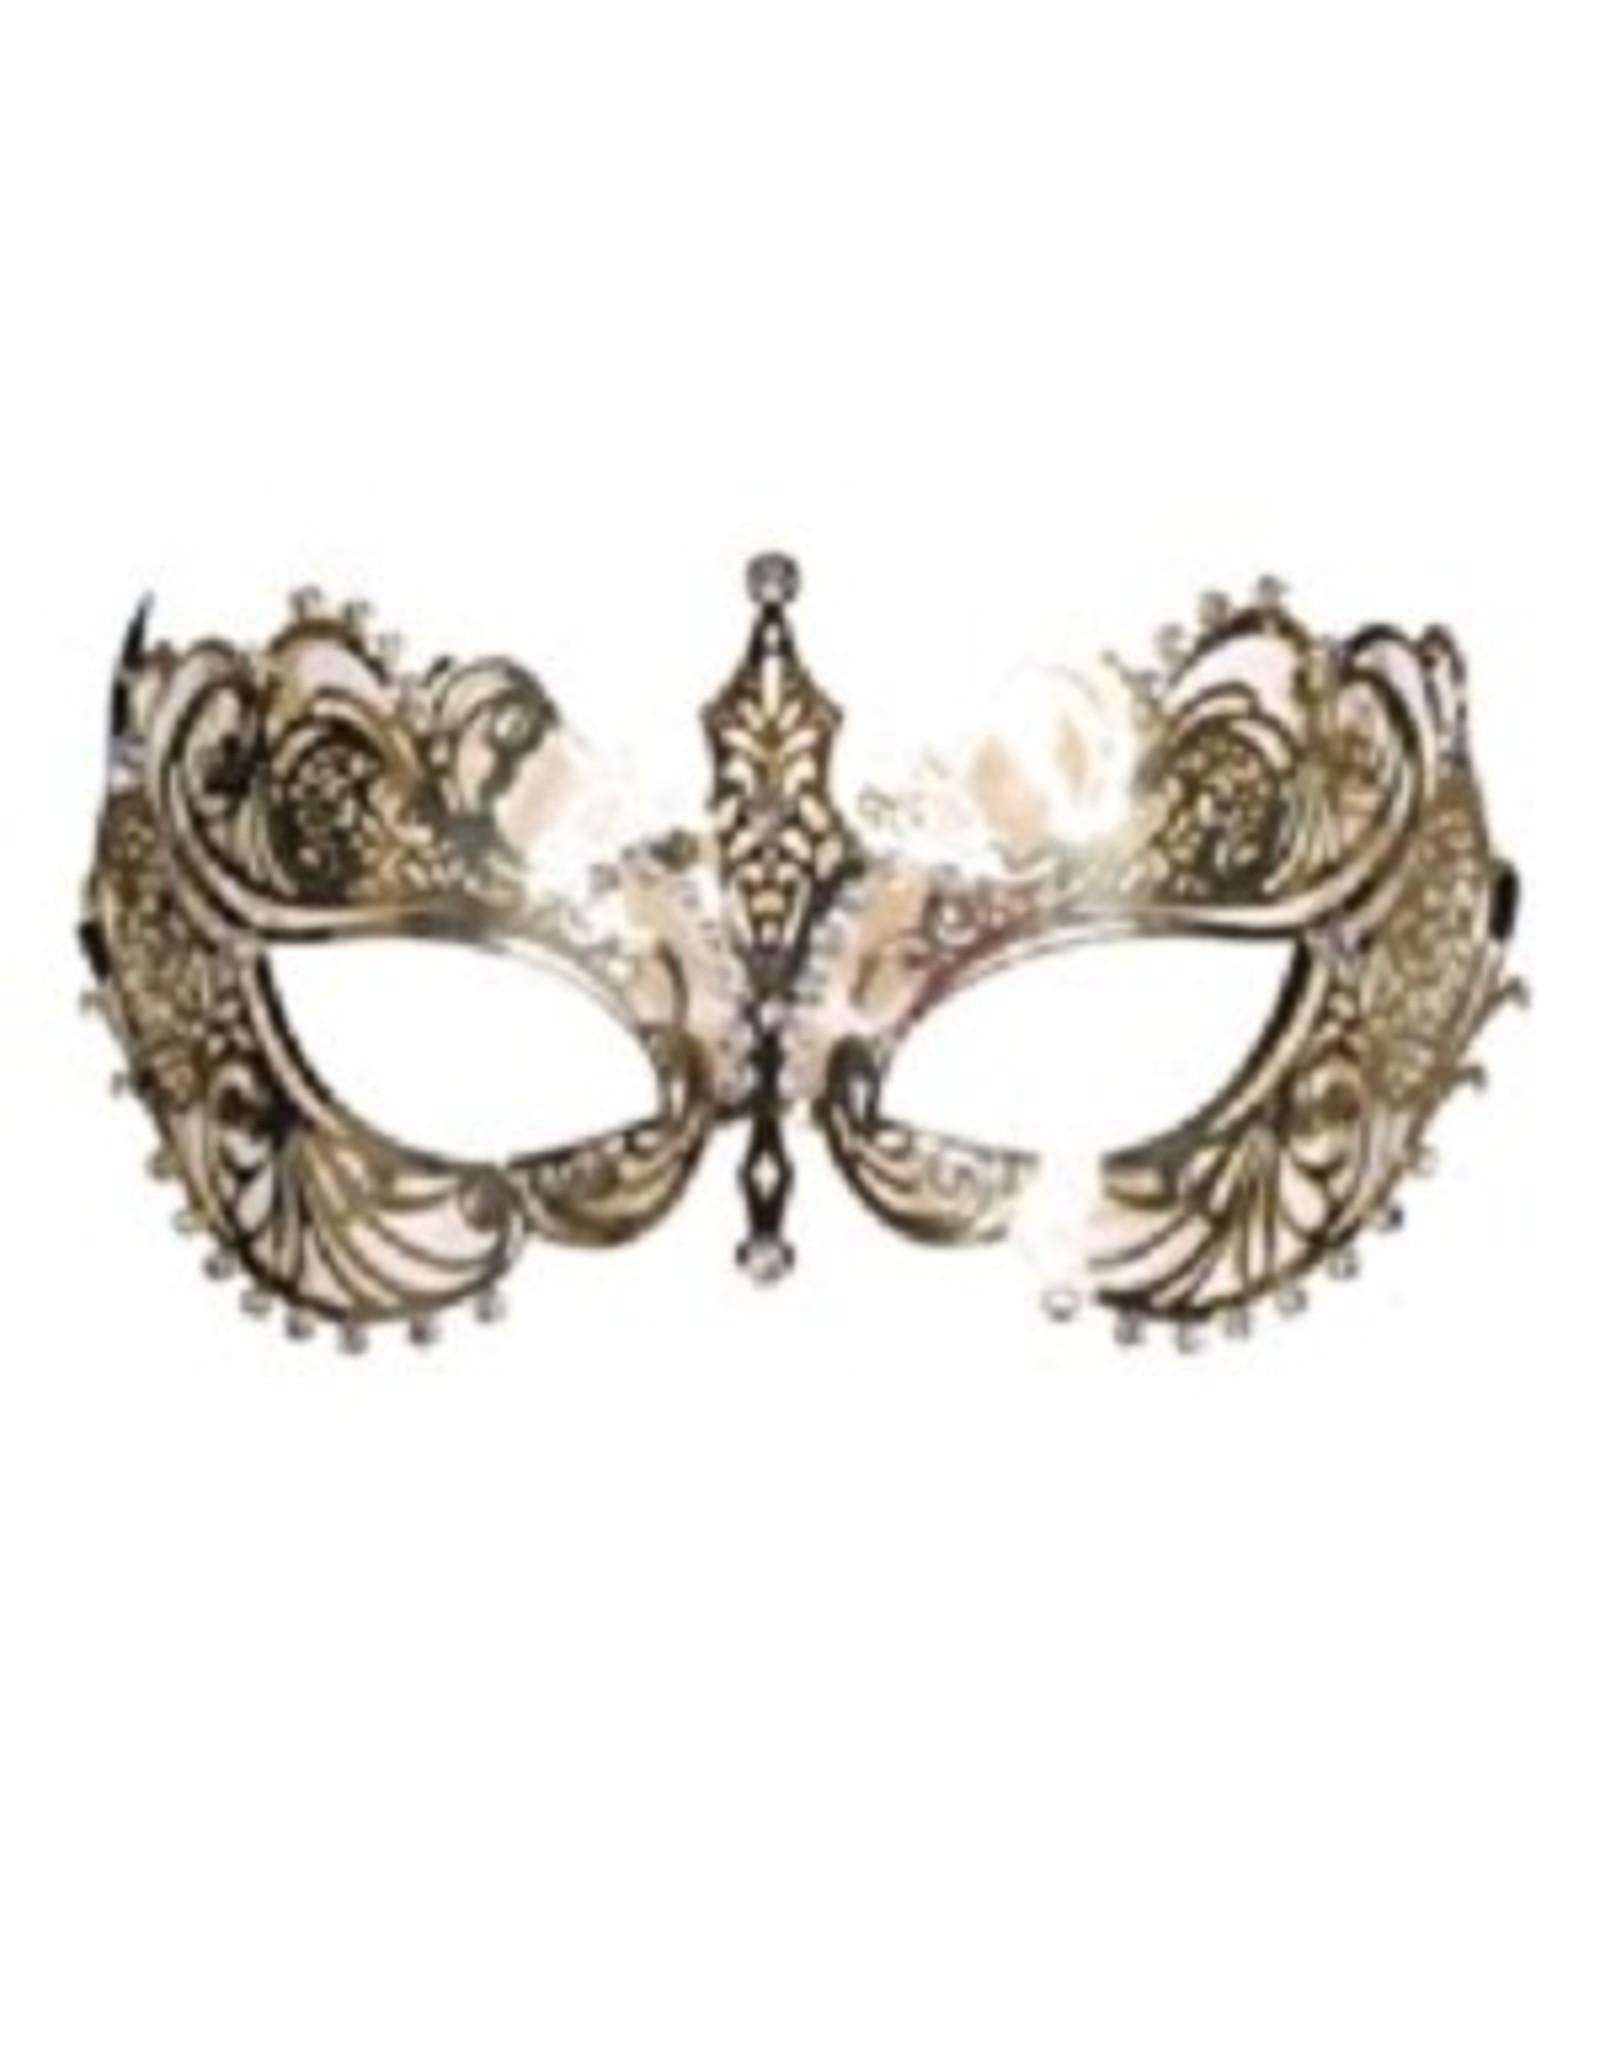 Thetru Oogmasker metalic luxe met strass, Goud,